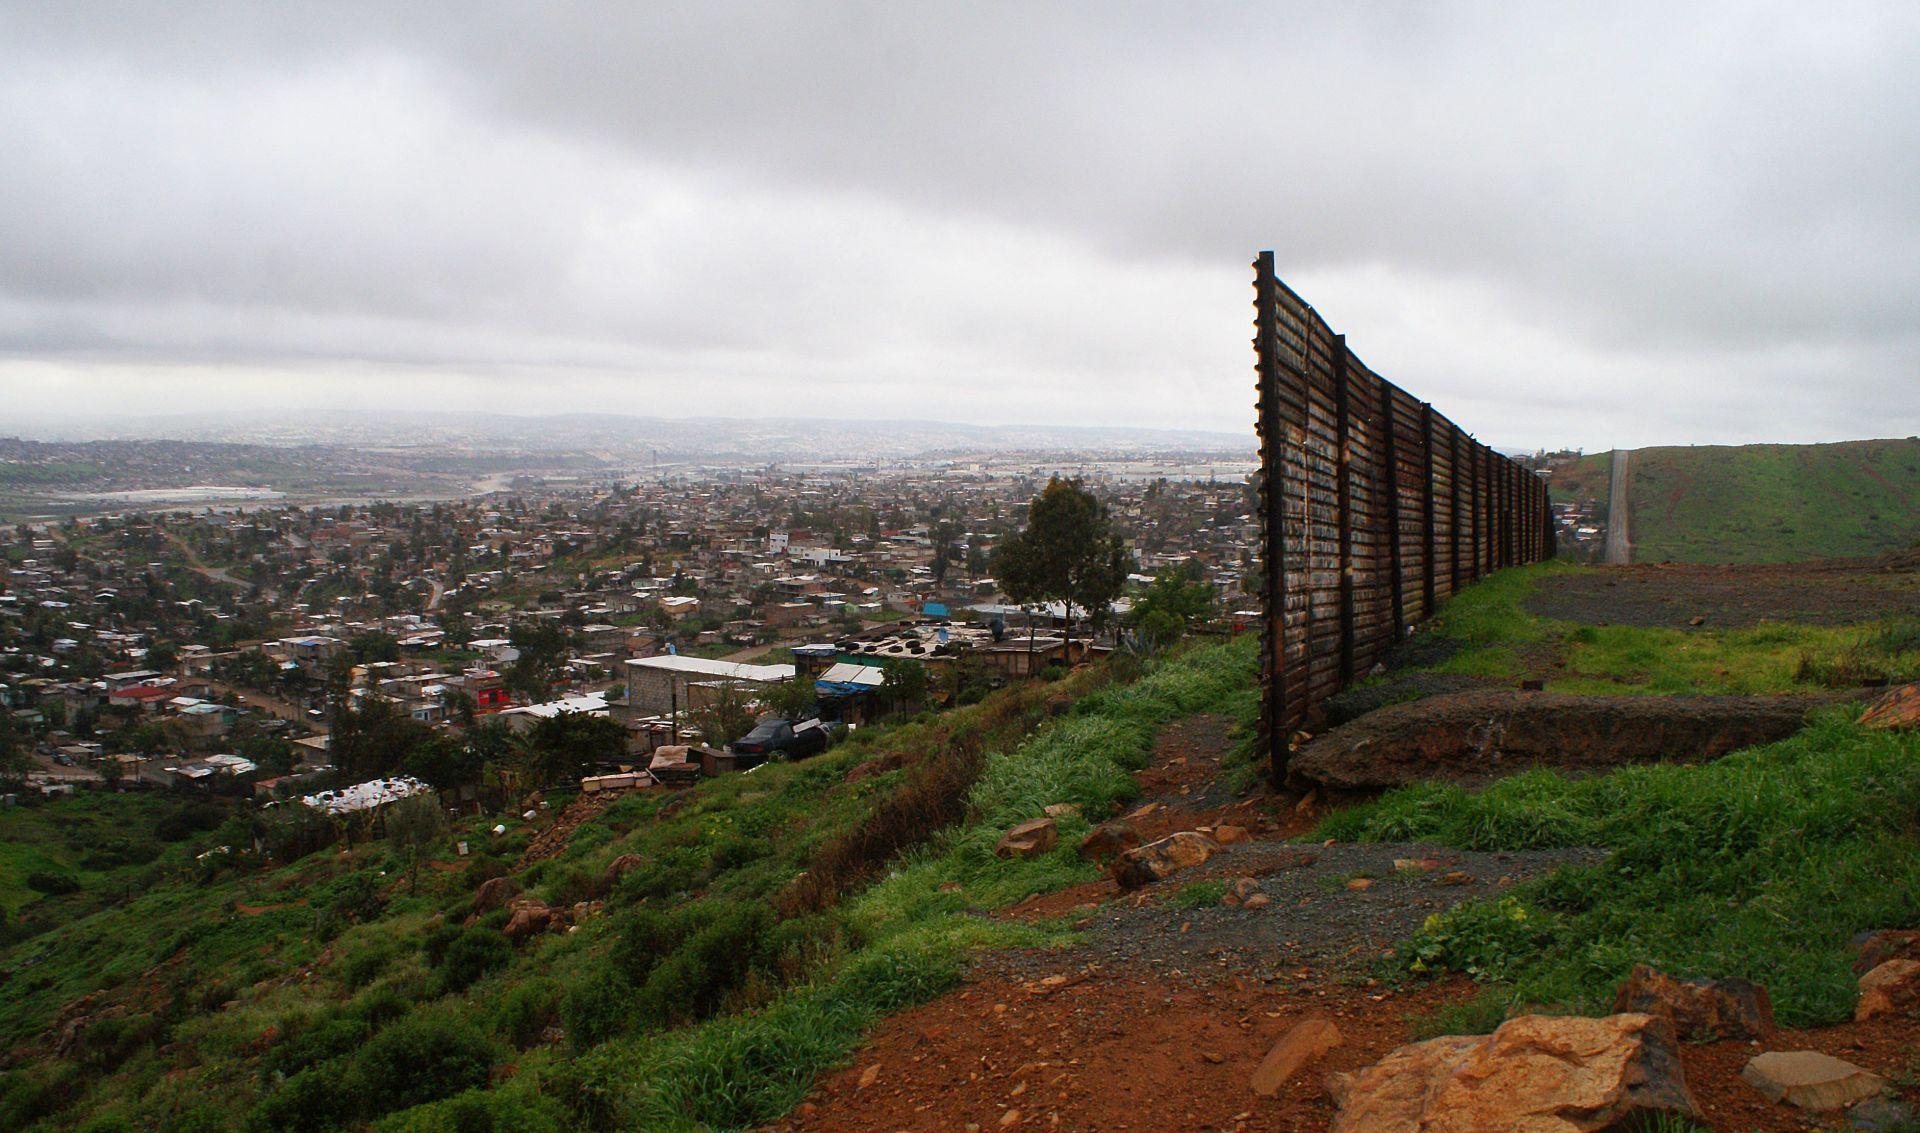 Imigracijske službe SAD-a uhitile prošli tjedan 680 osoba